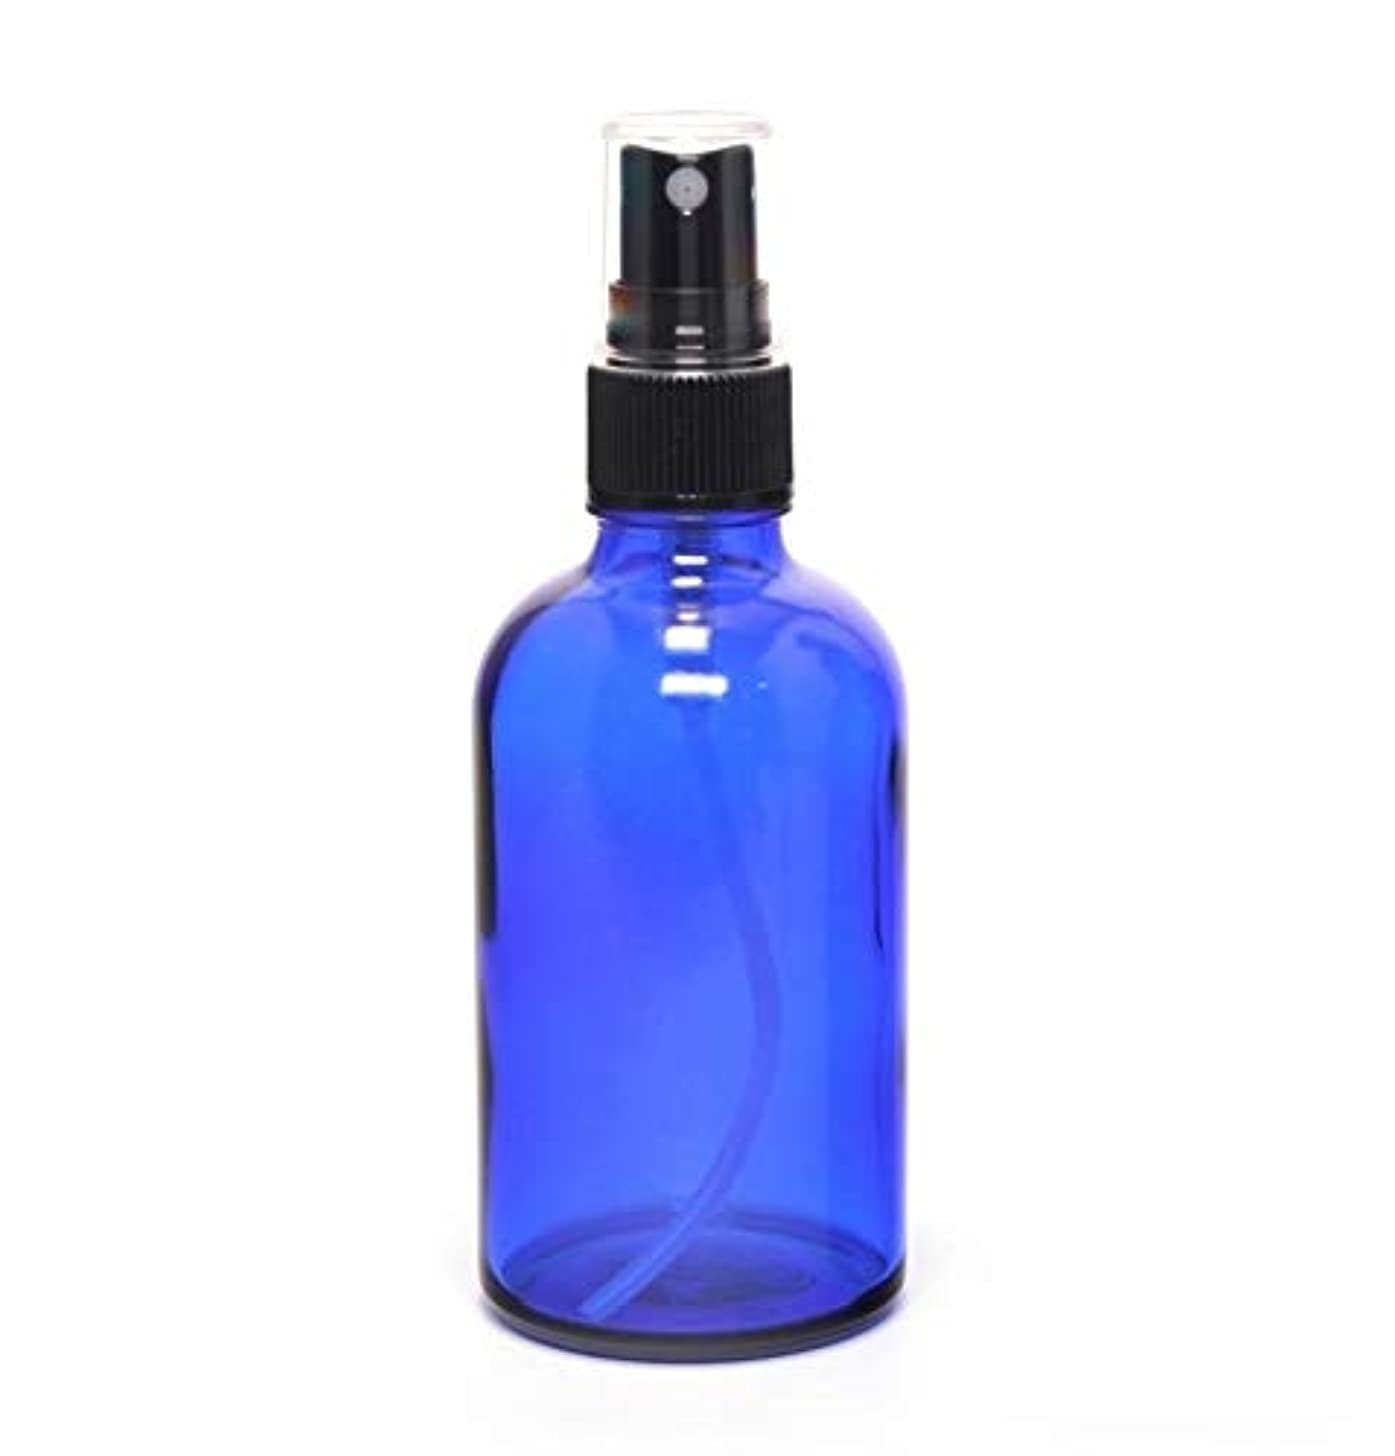 ライトニング不公平を通して遮光瓶 蓄圧式で細かいミストのスプレーボトル 100ml コバルトブルー / 1本 ( 硝子製?アトマイザー )ブラックヘッド